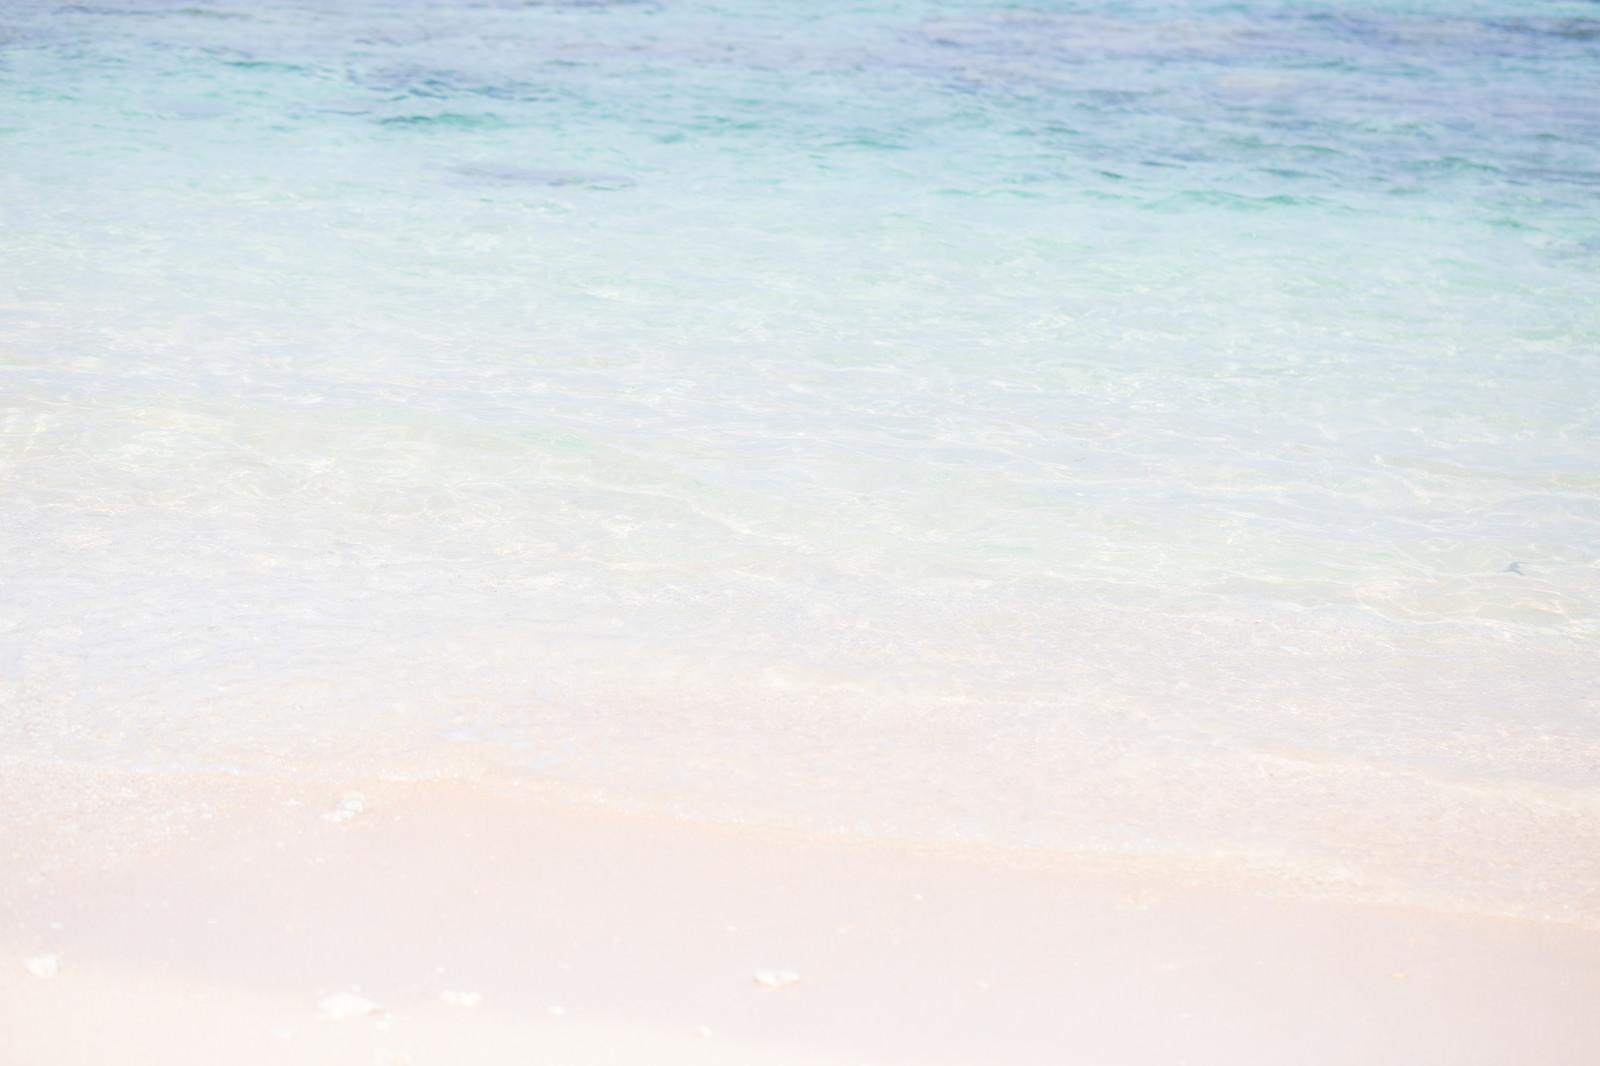 「透き通る海」の写真